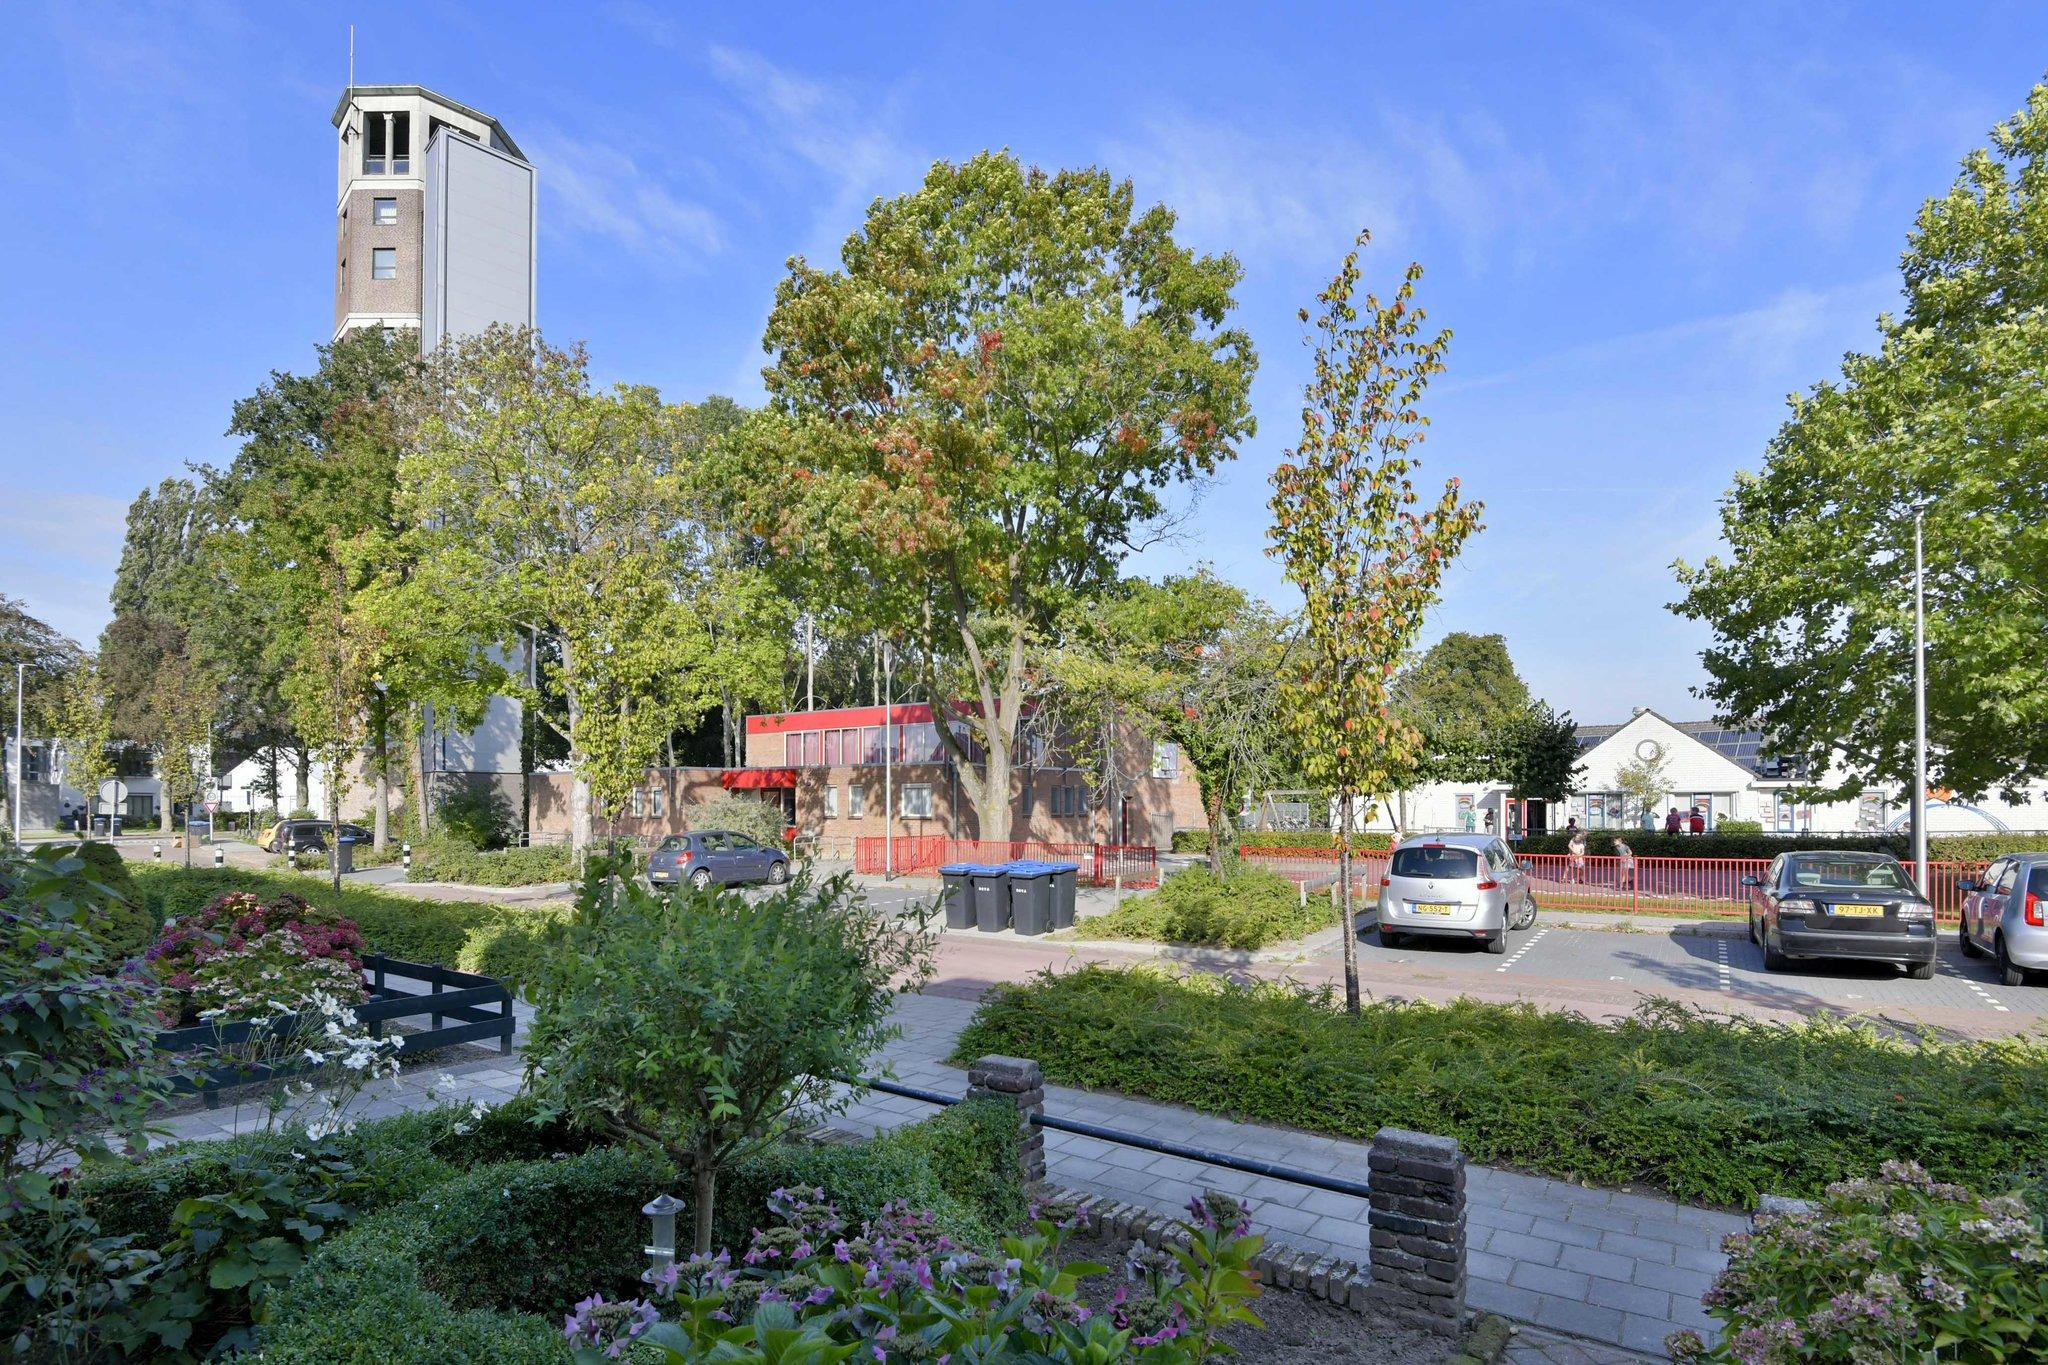 olst-watertorenstraat-4158137-foto-32.jpg